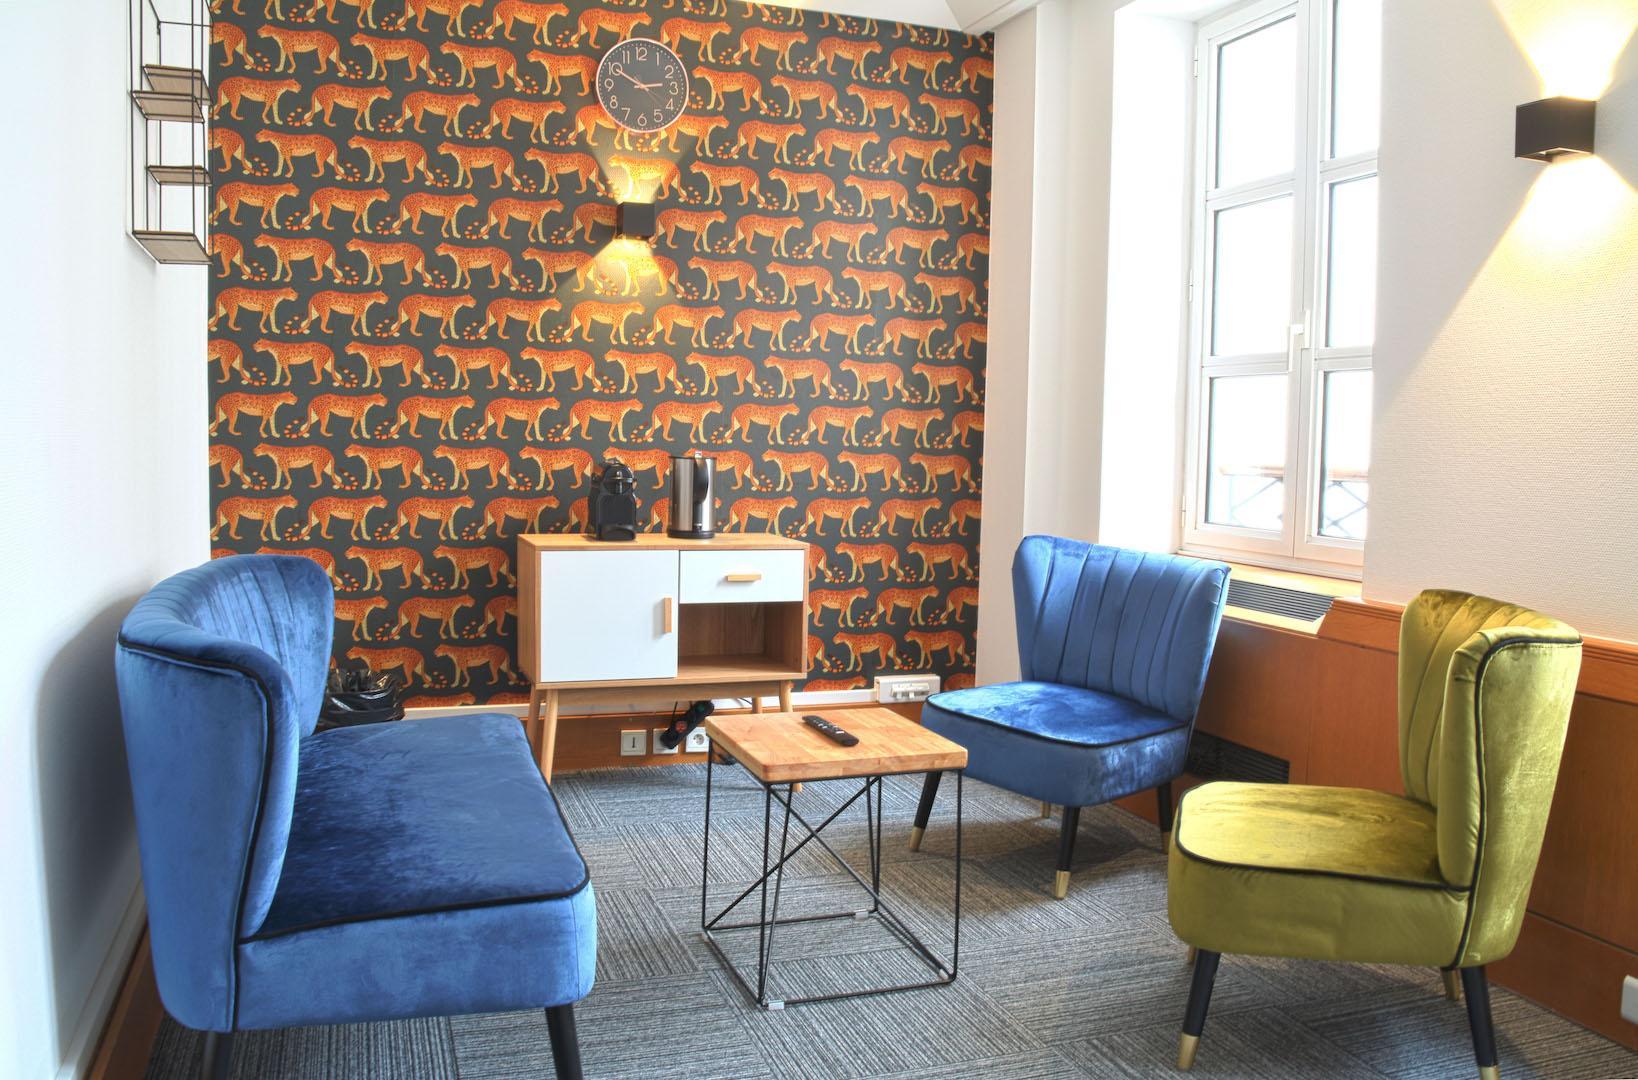 espace de détente avec fauteuil confortable et coloré et une ambiance chaleureuse